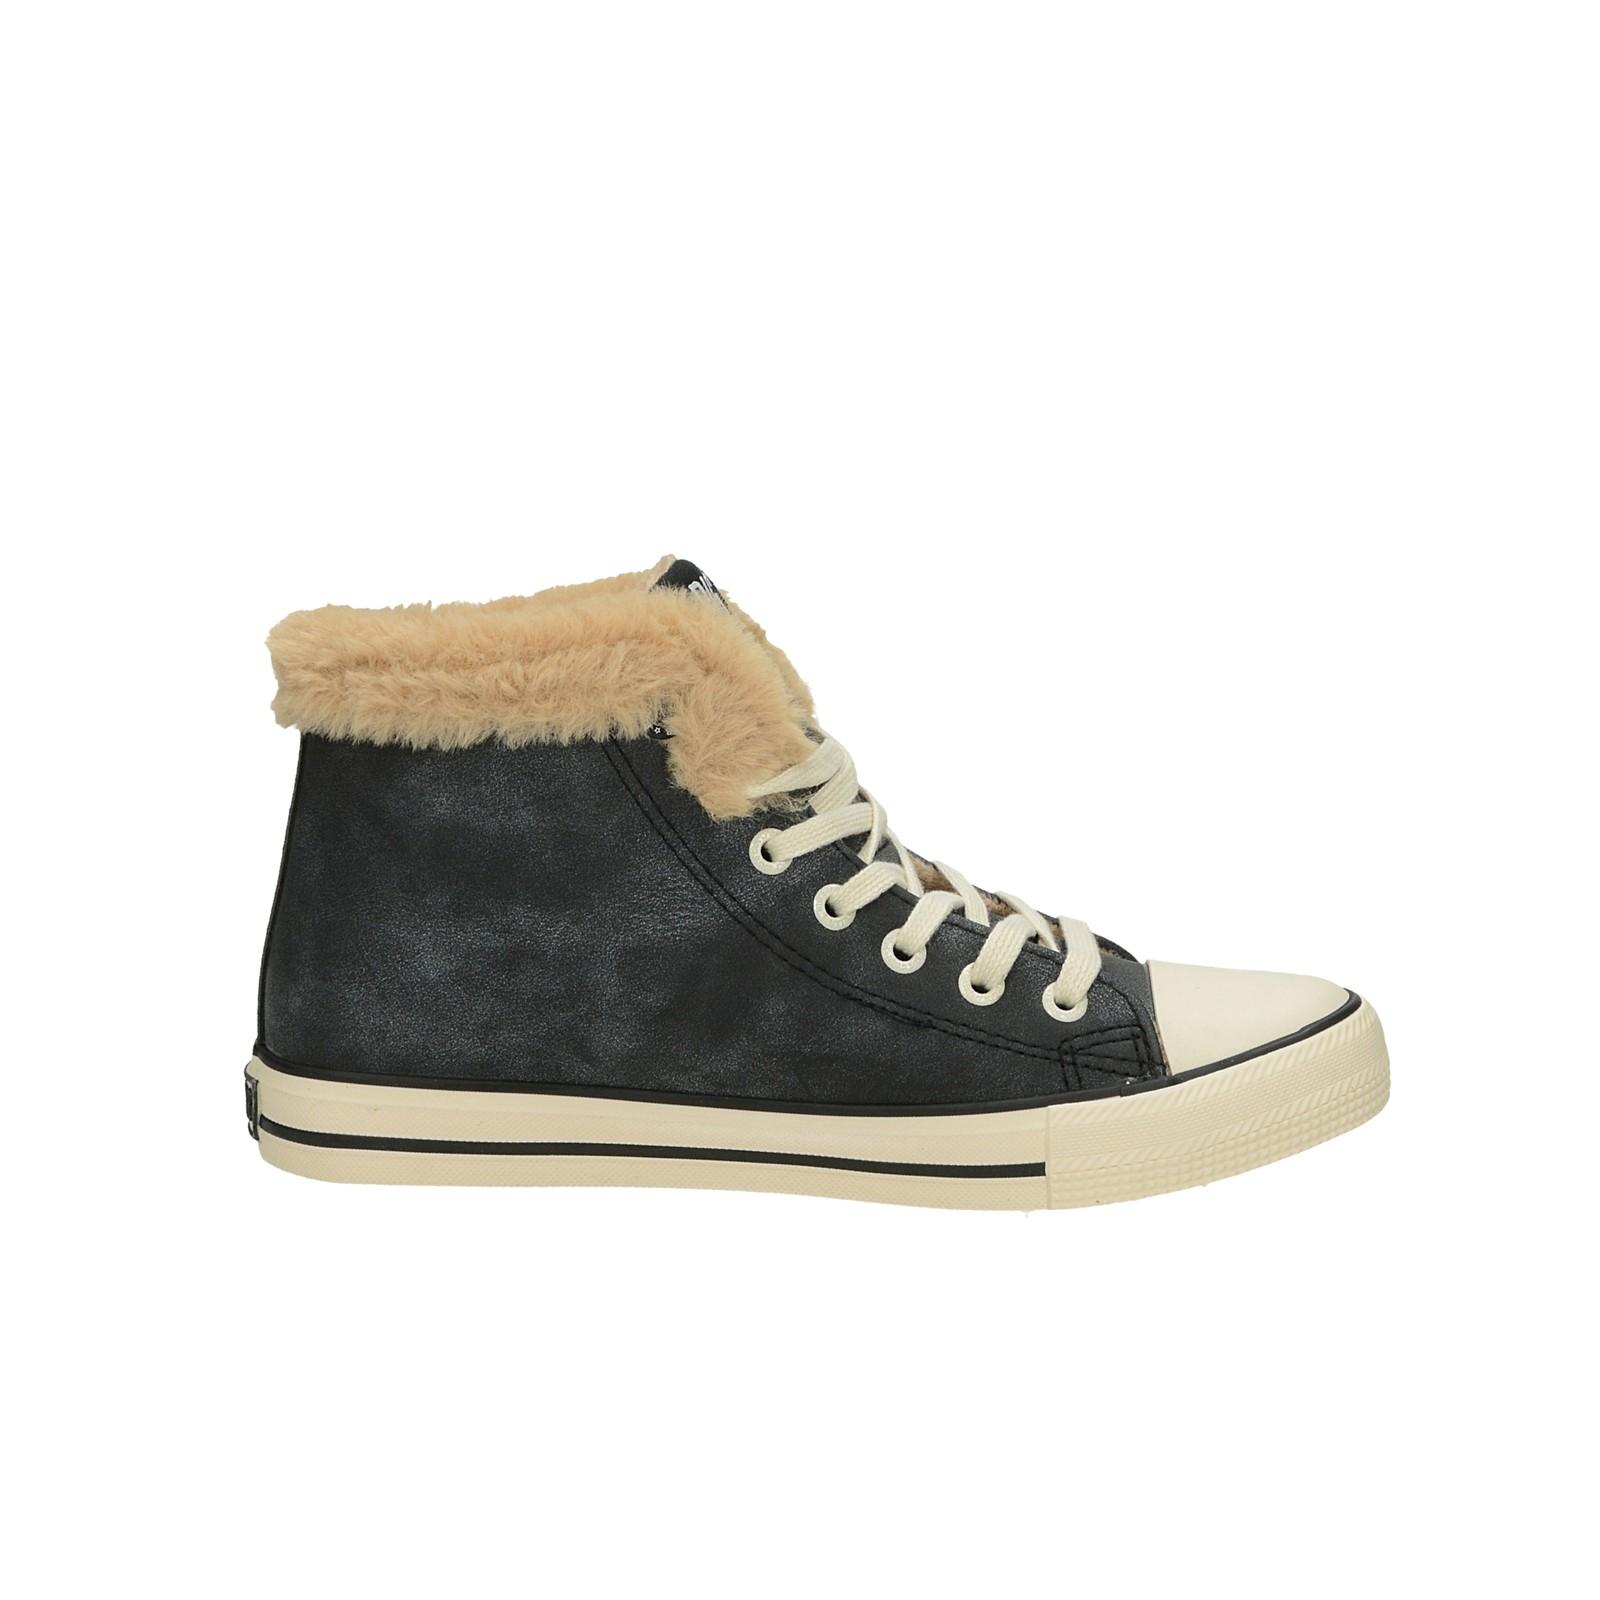 Big Star dámské stylové kotníkové boty - černé